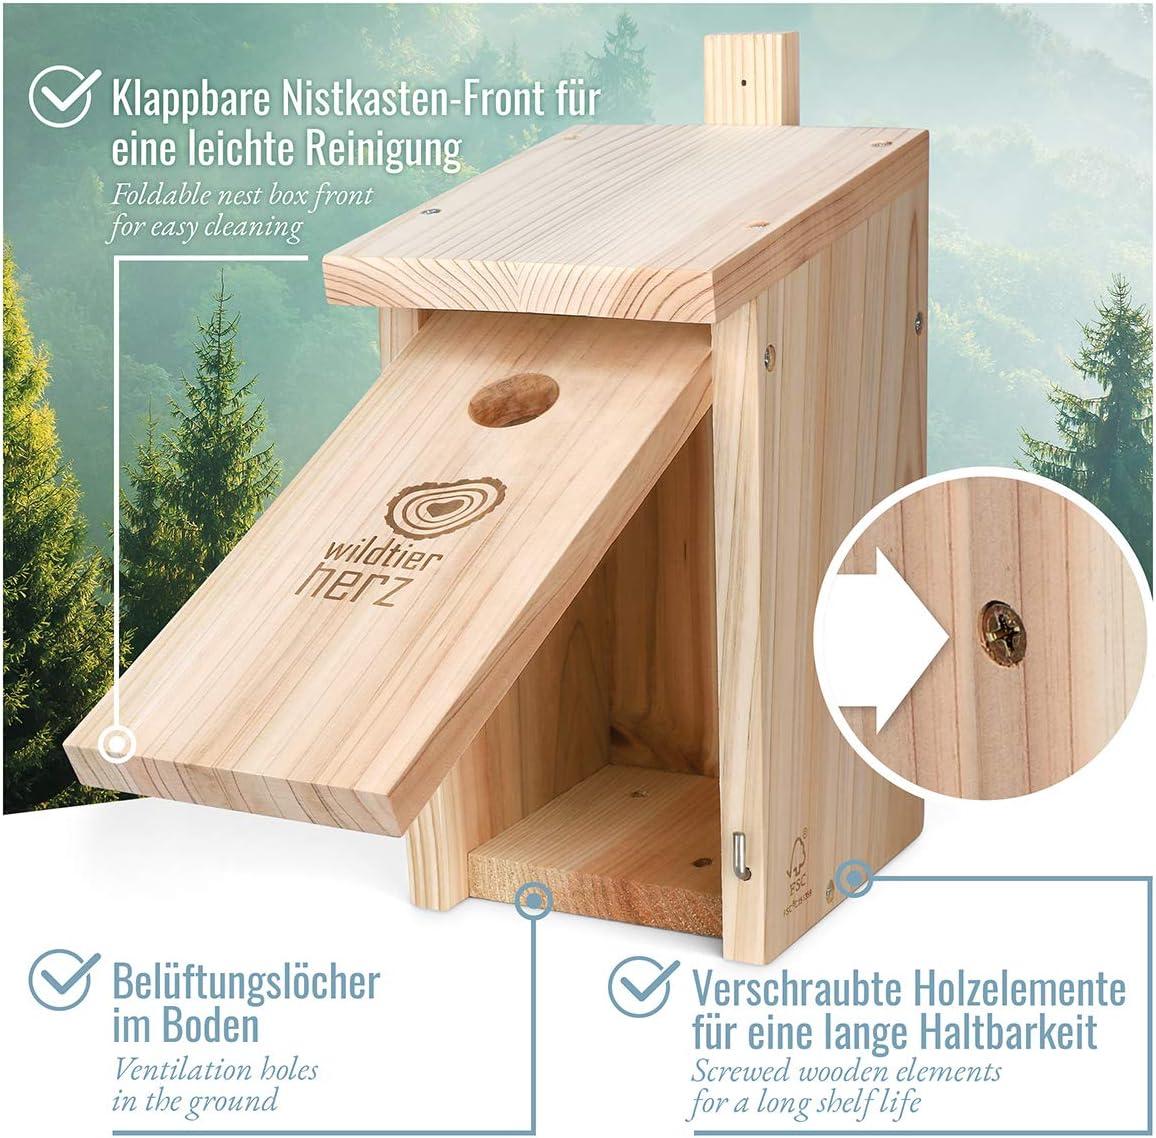 nichoir en Bois pour Les Enfants /à Peindre nichoir /à Oiseaux pour Suspension ext/érieure HERCHR Nichoirs /à Oiseaux pour lext/érieur